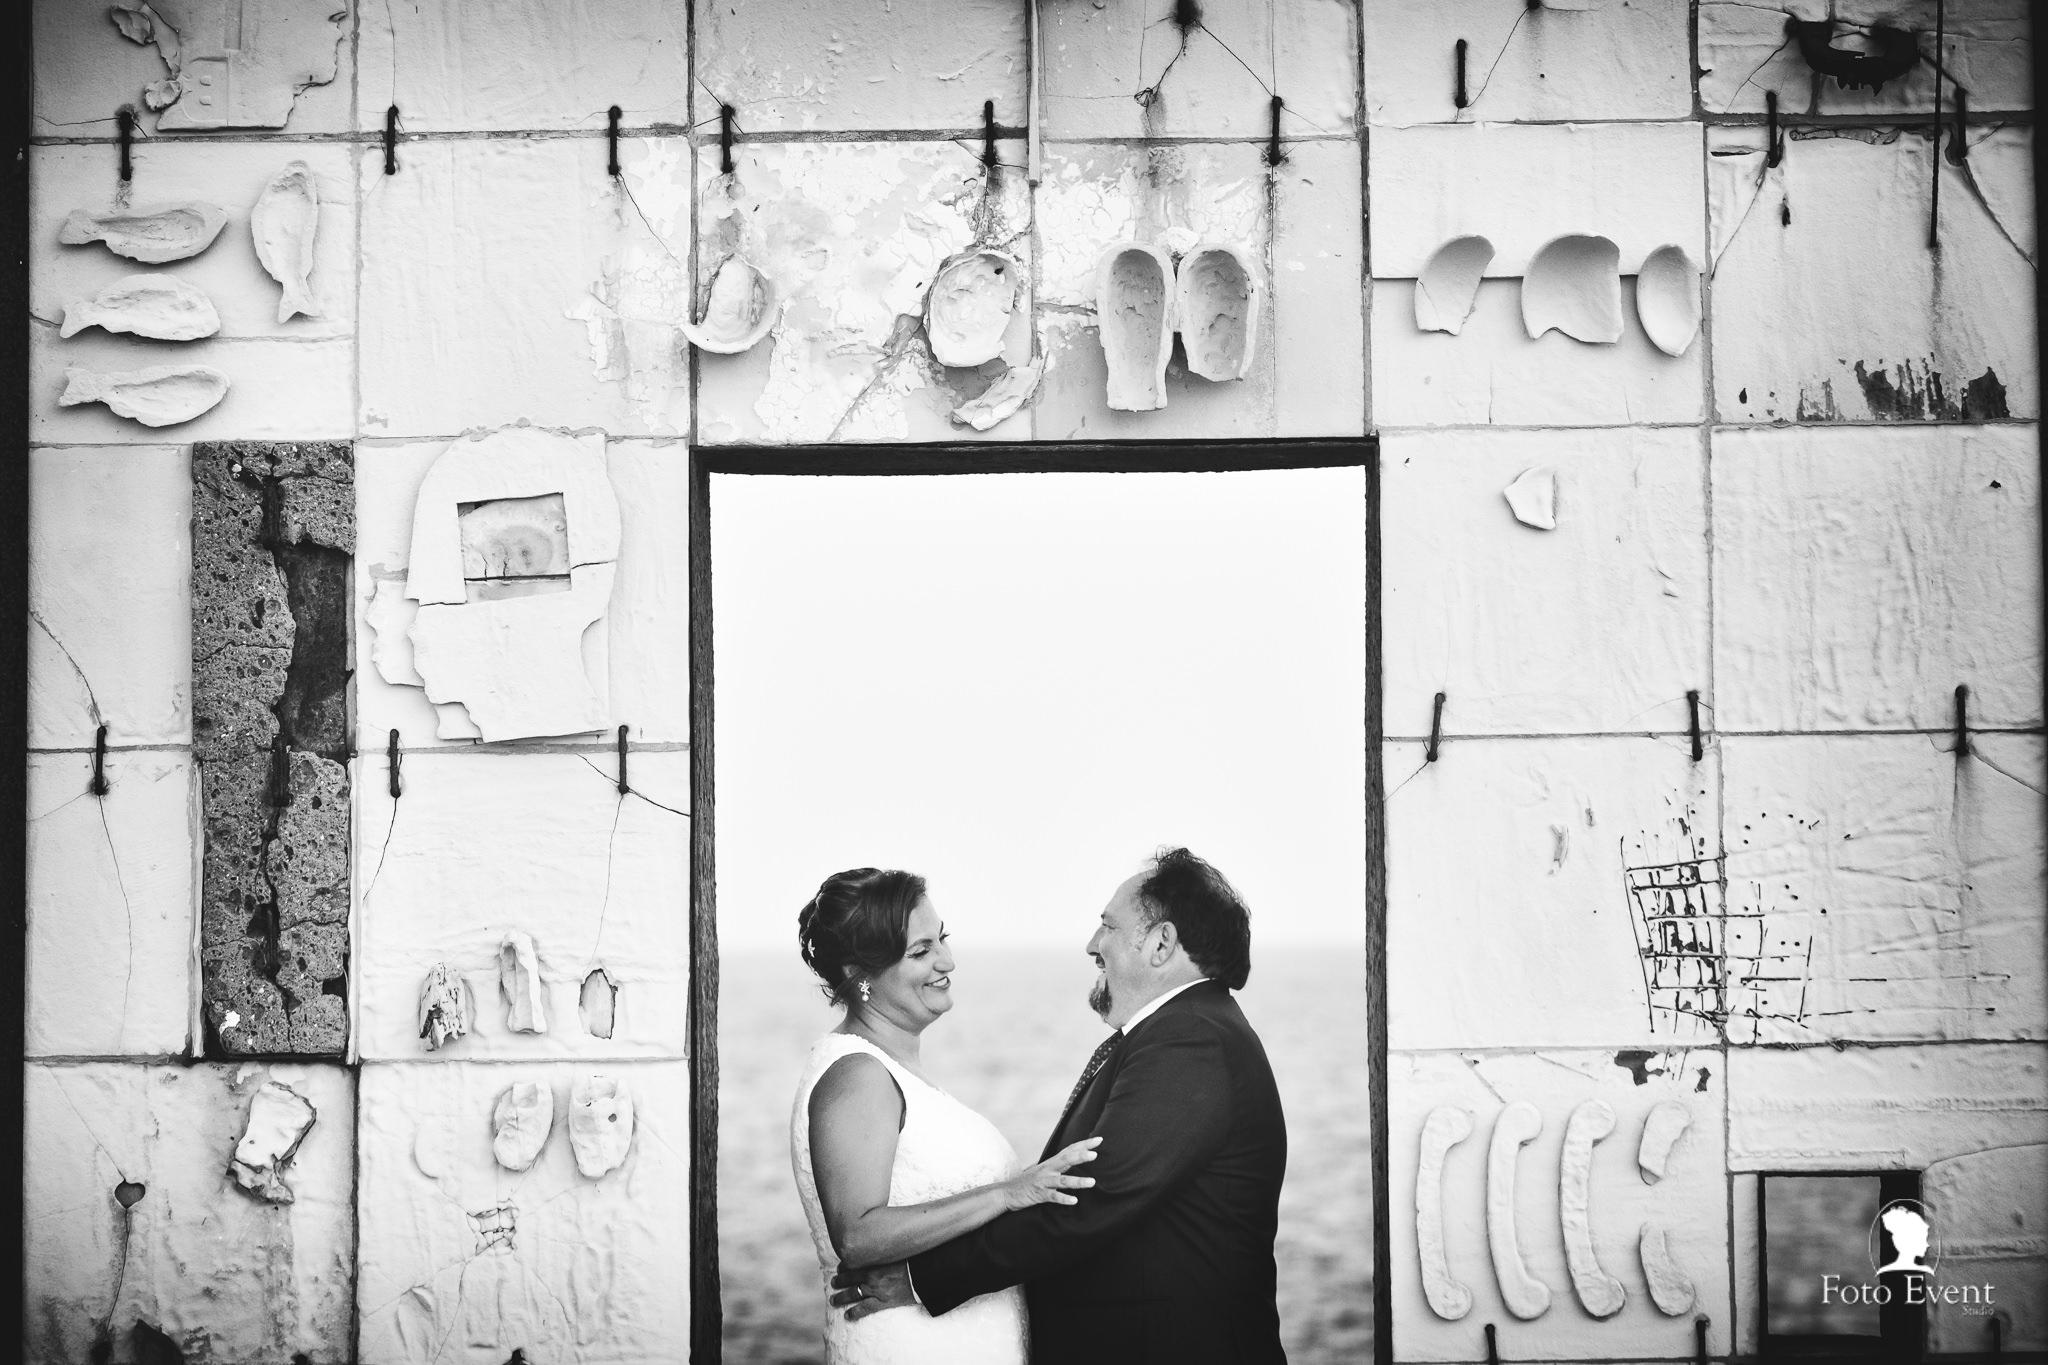 047-2019-09-19-Matrimonio-Letizia-e-Dino-Argento-zoom-598-Edit